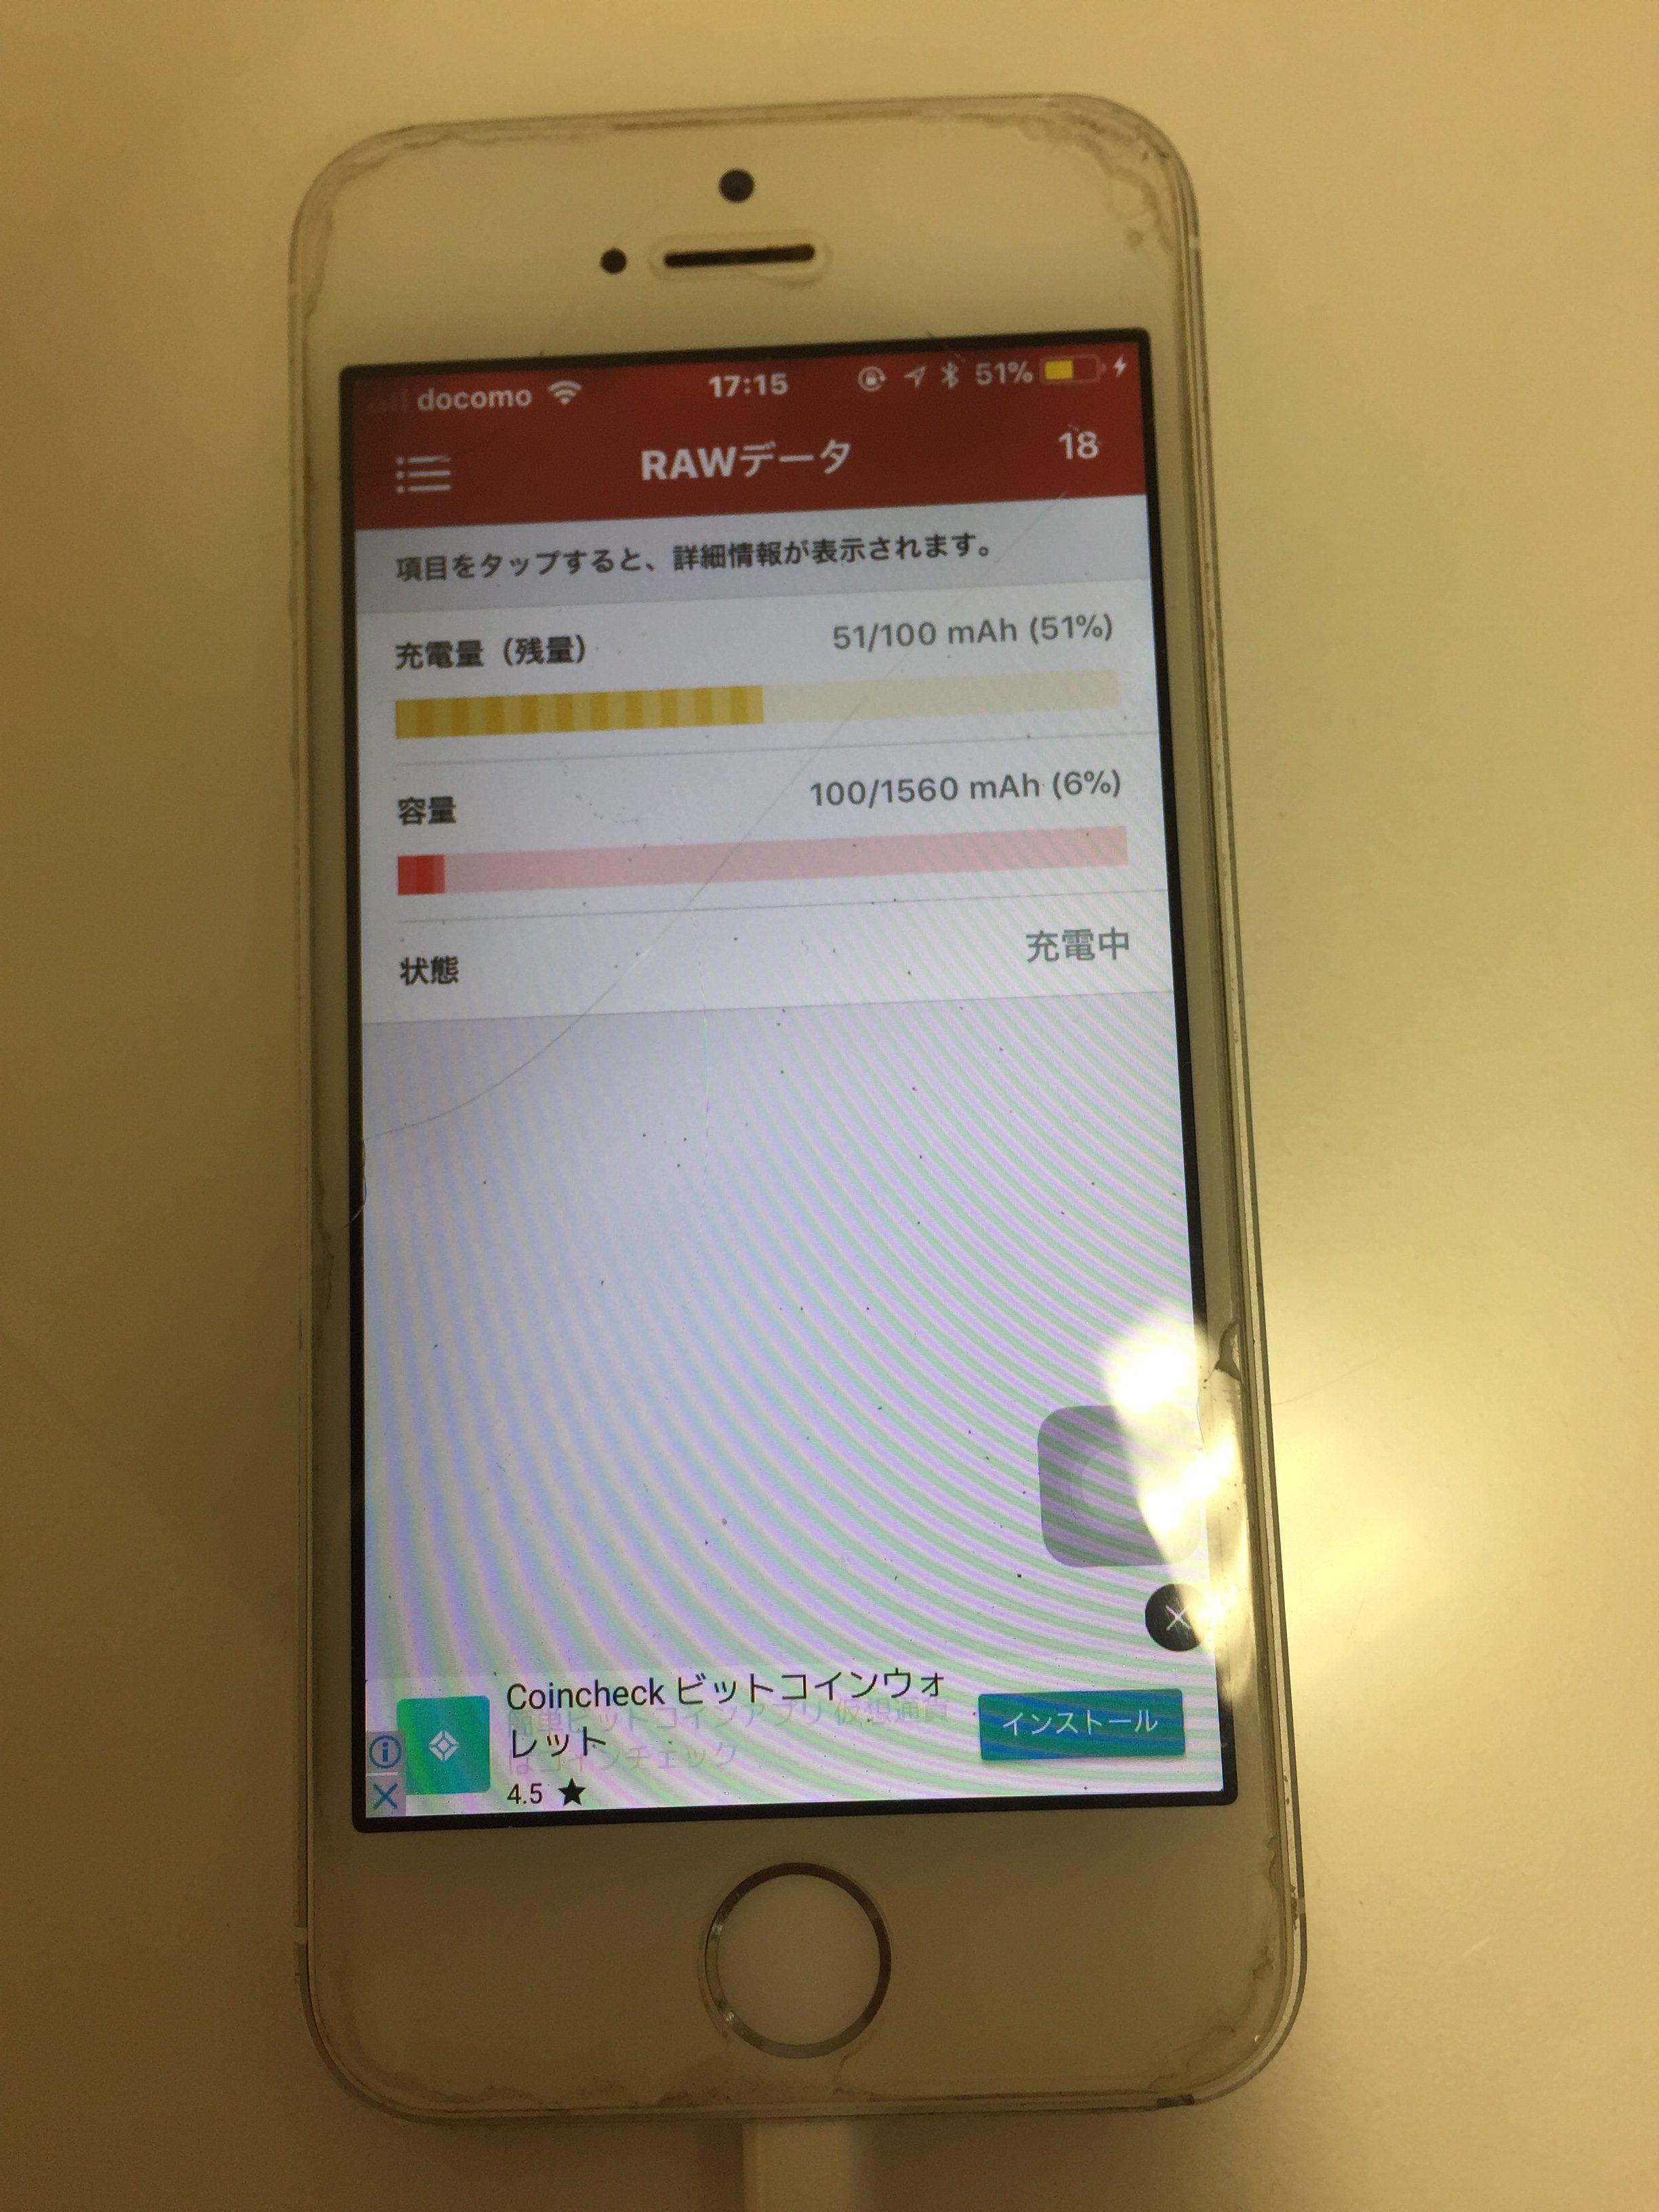 ネット通販で購入したiPhoneのバッテリー